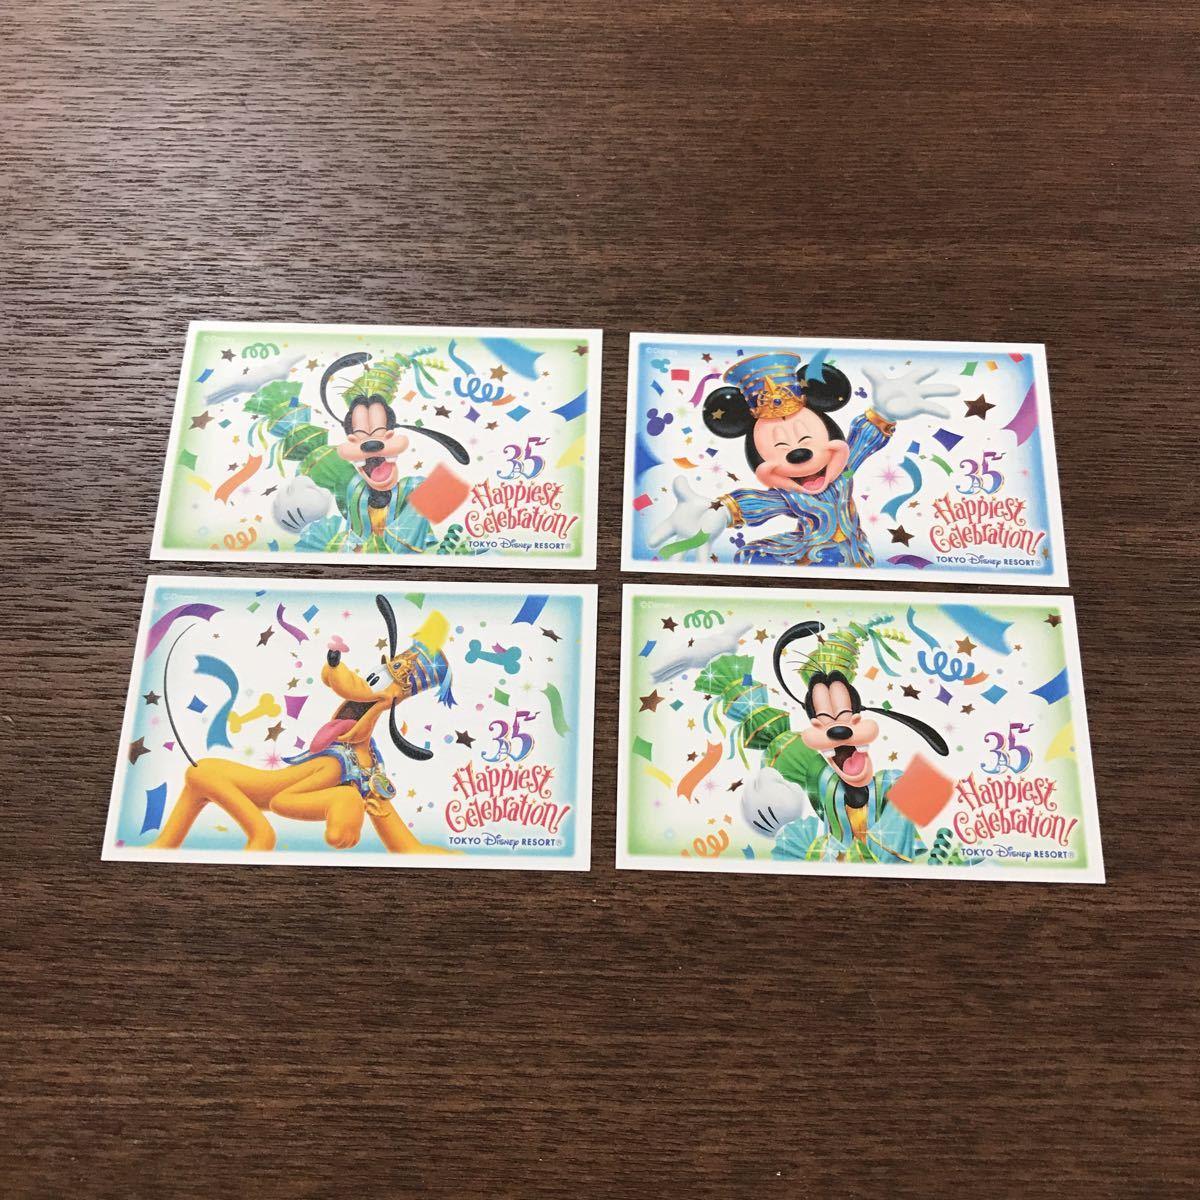 35th]2019/08/31 till Disney Land adult pair ticket ( 4